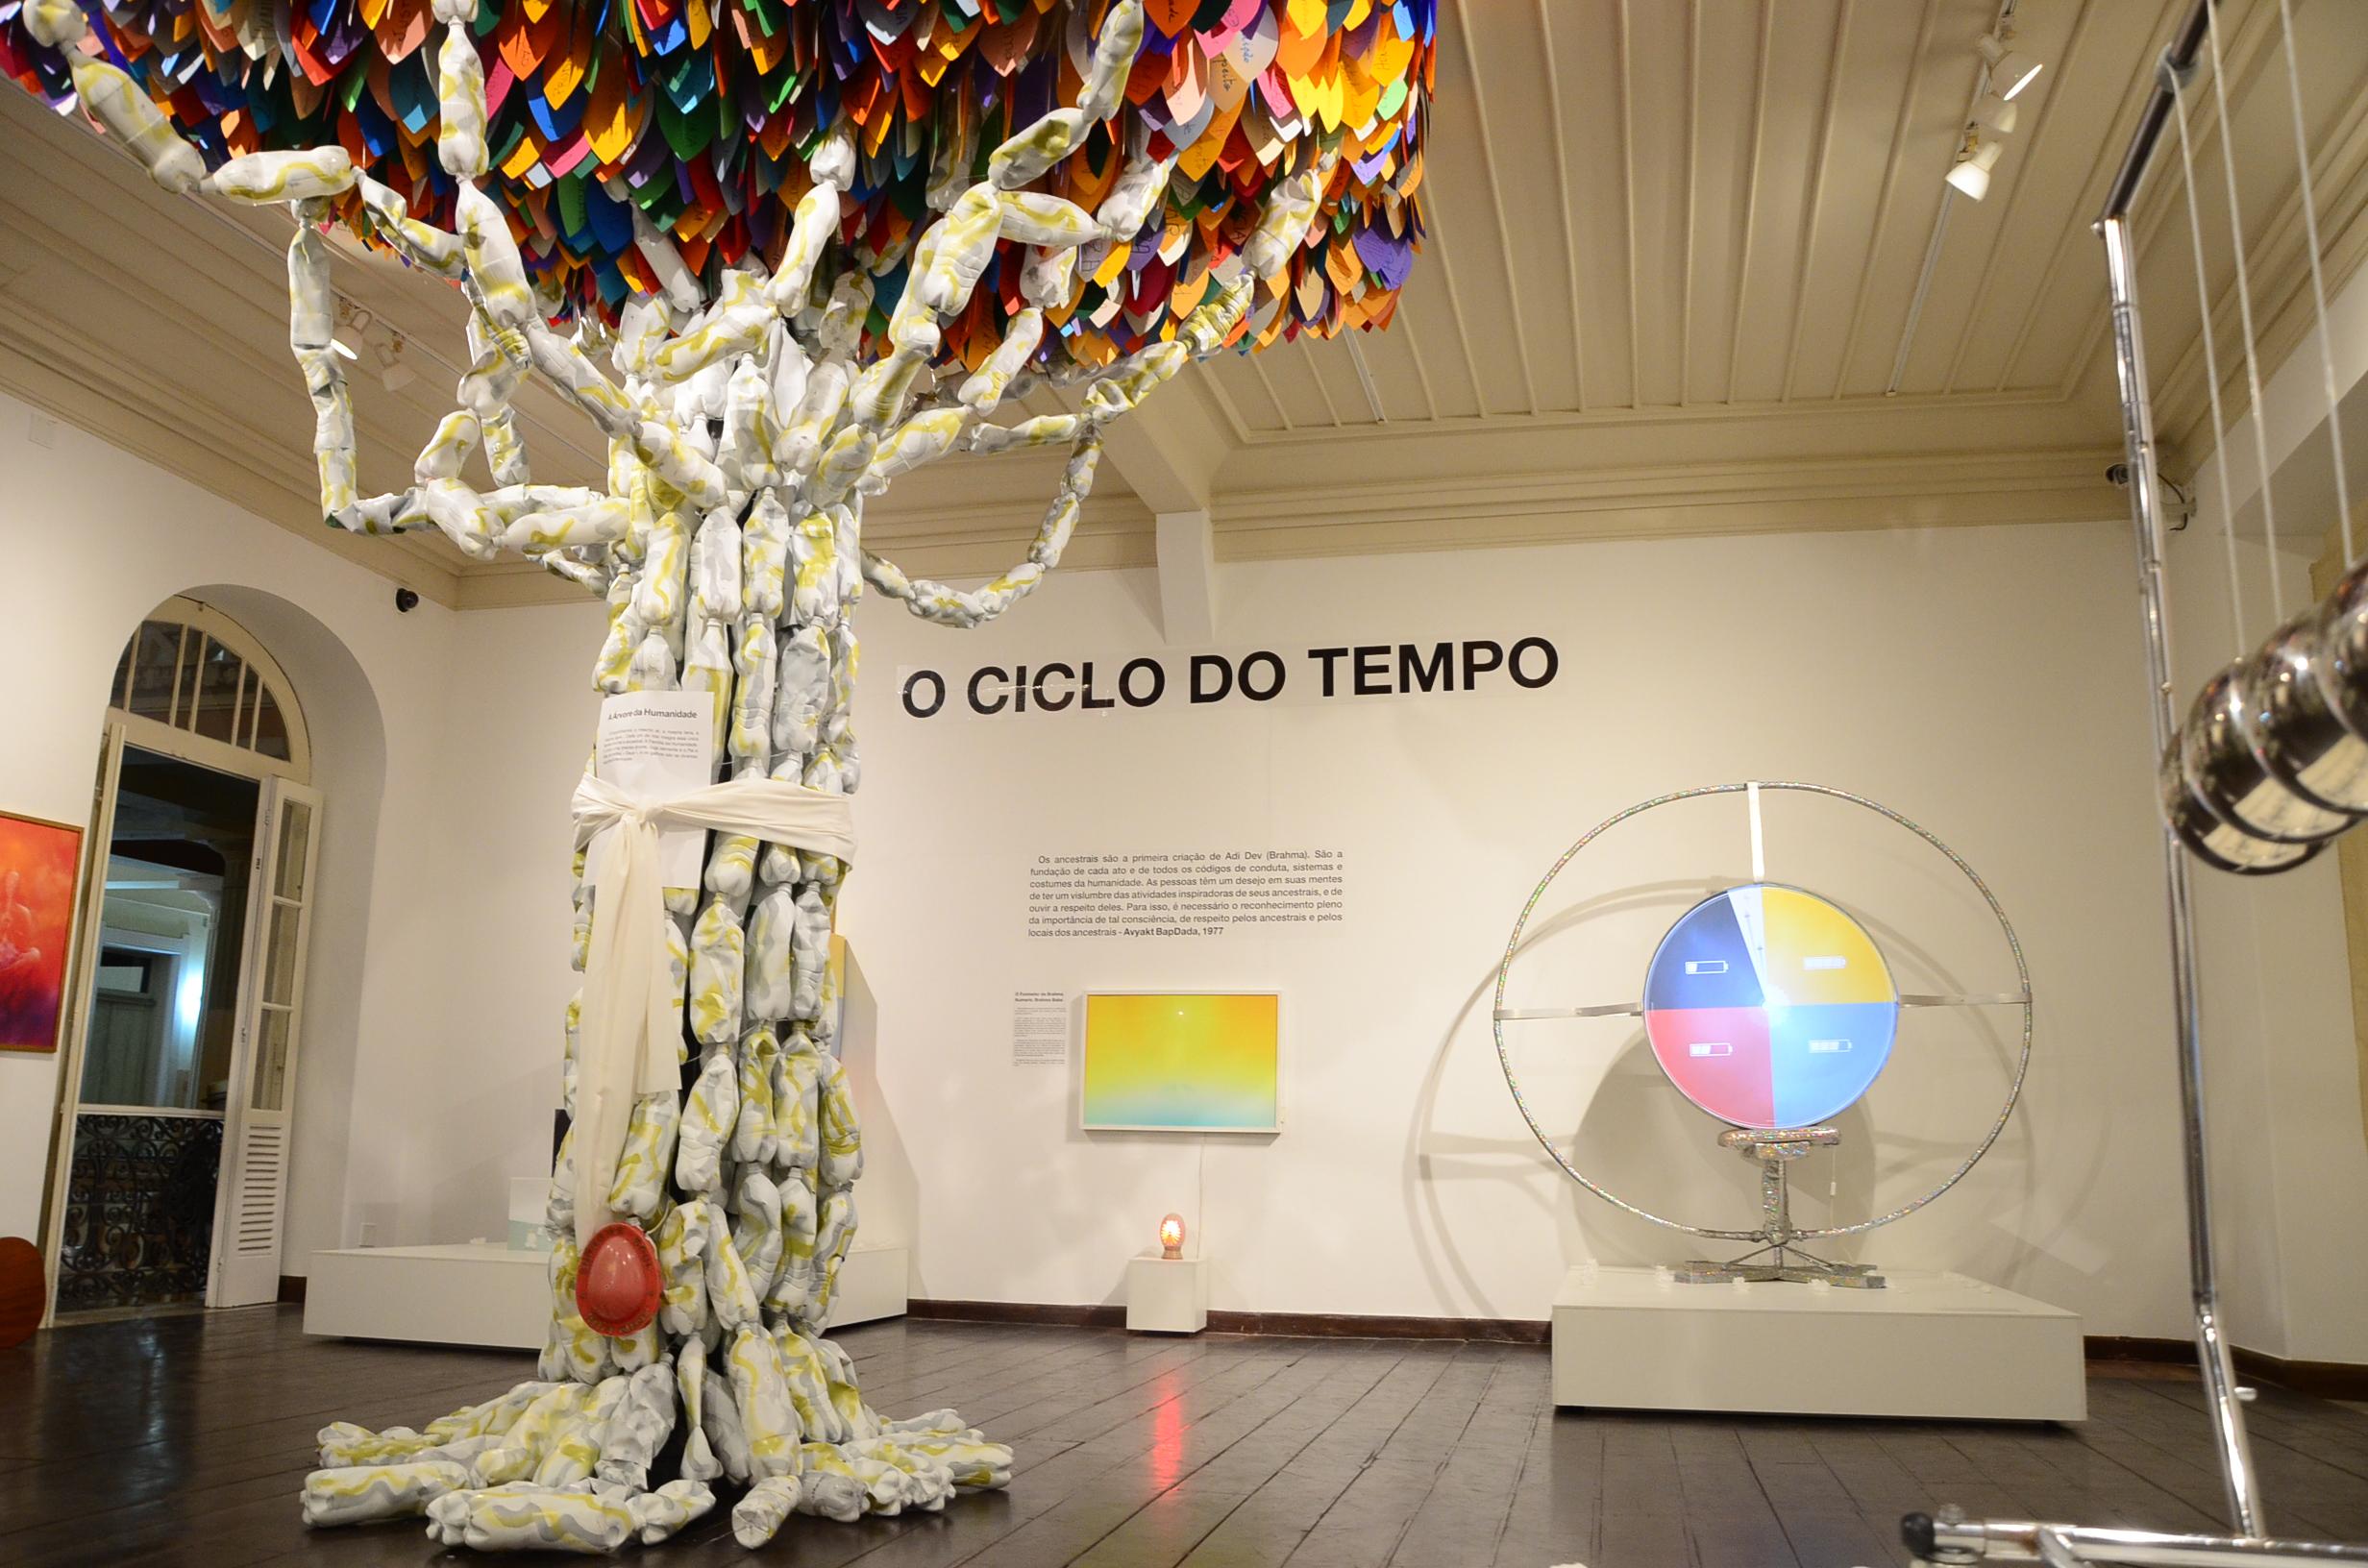 Foto: Gustavo Salgado